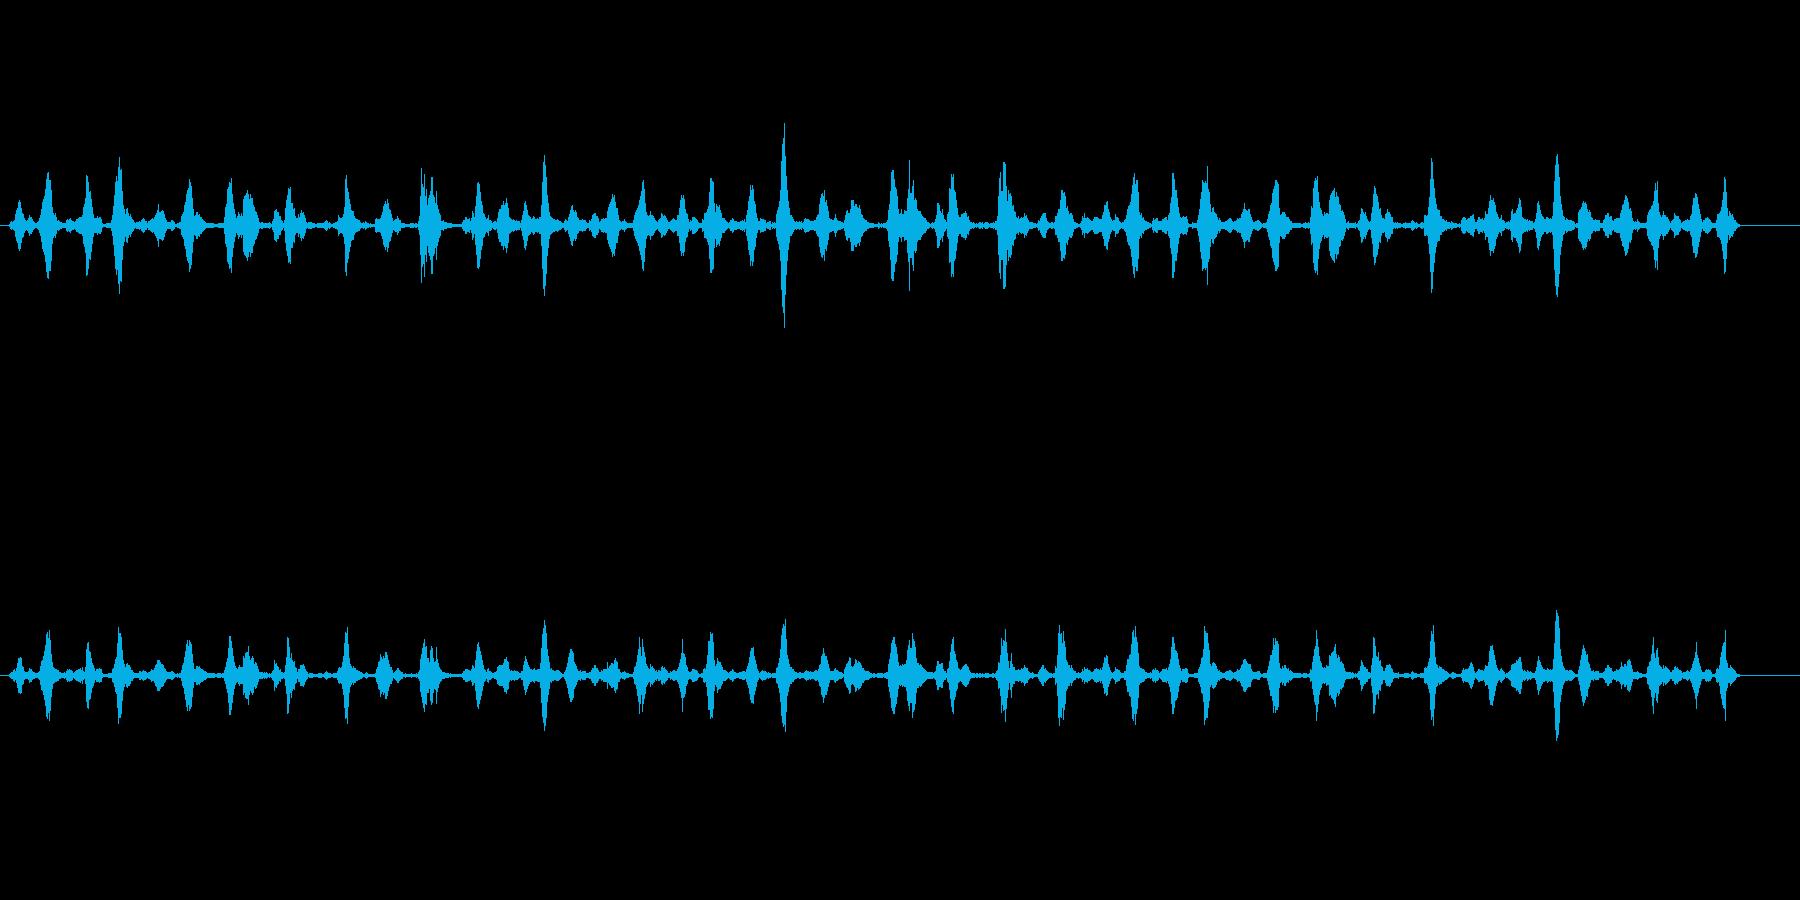 カリカリカリ(機械的で繊細な効果音)の再生済みの波形